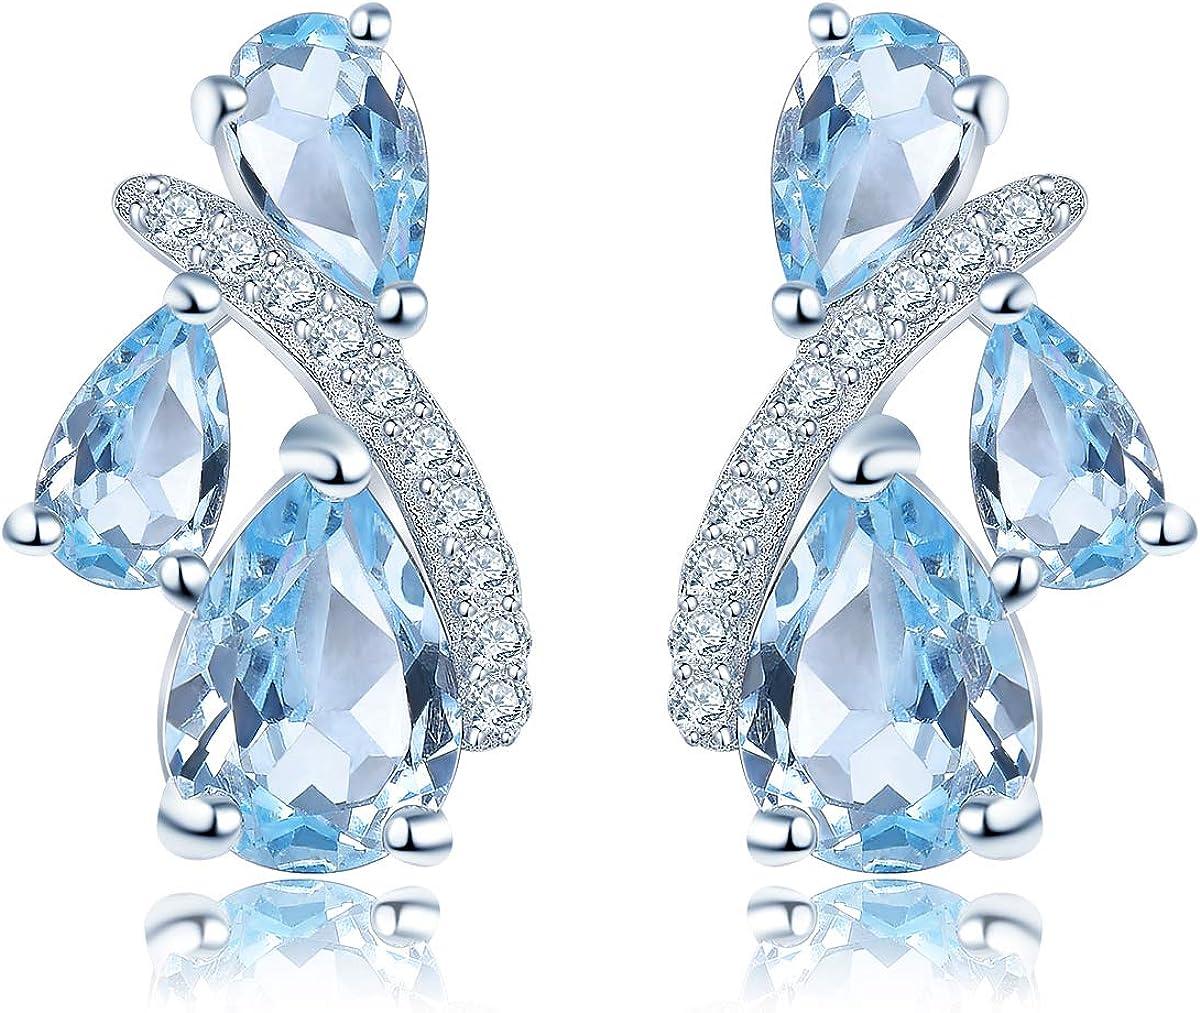 Hutang - Pendientes de plata de ley 925 maciza con topacio azul cielo, piedra preciosa natural, joyería para mujeres y niñas, el mejor regalo